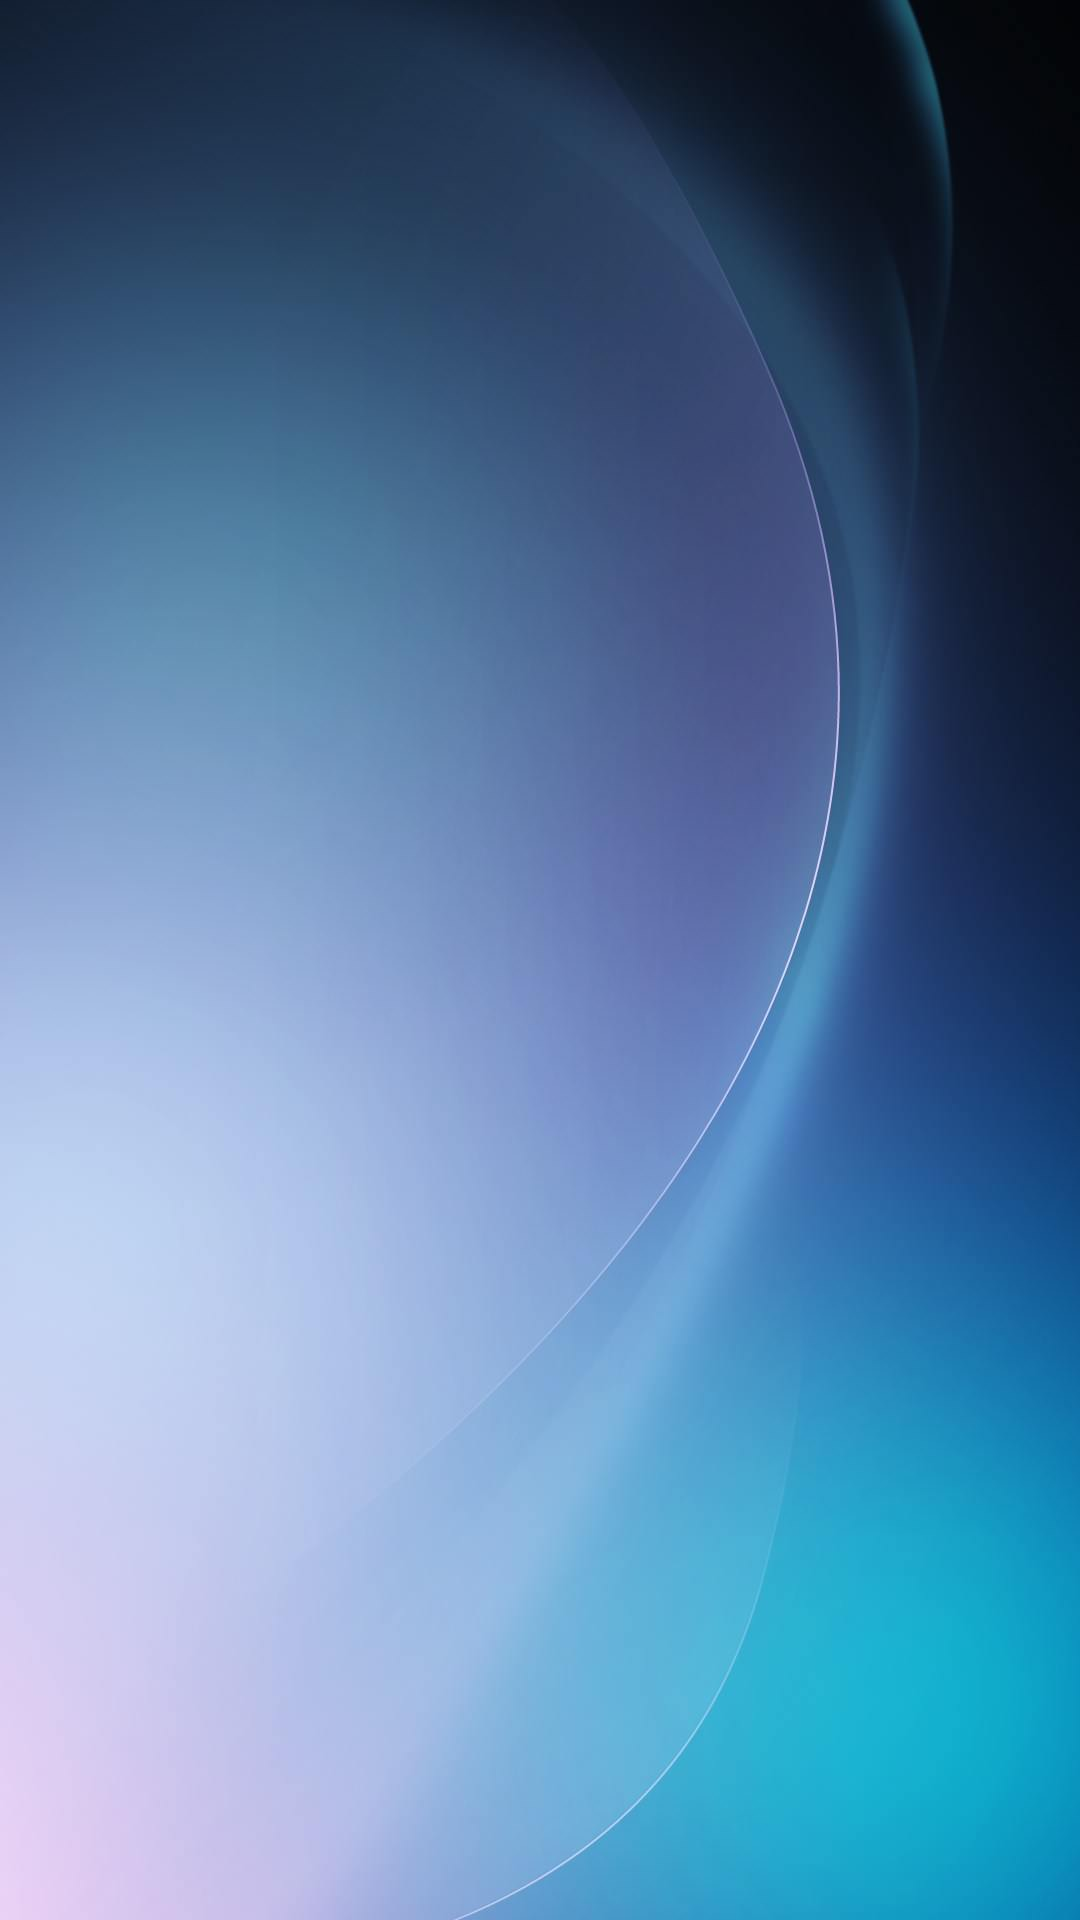 濃淡のある青のiPhone6 Plus 壁紙